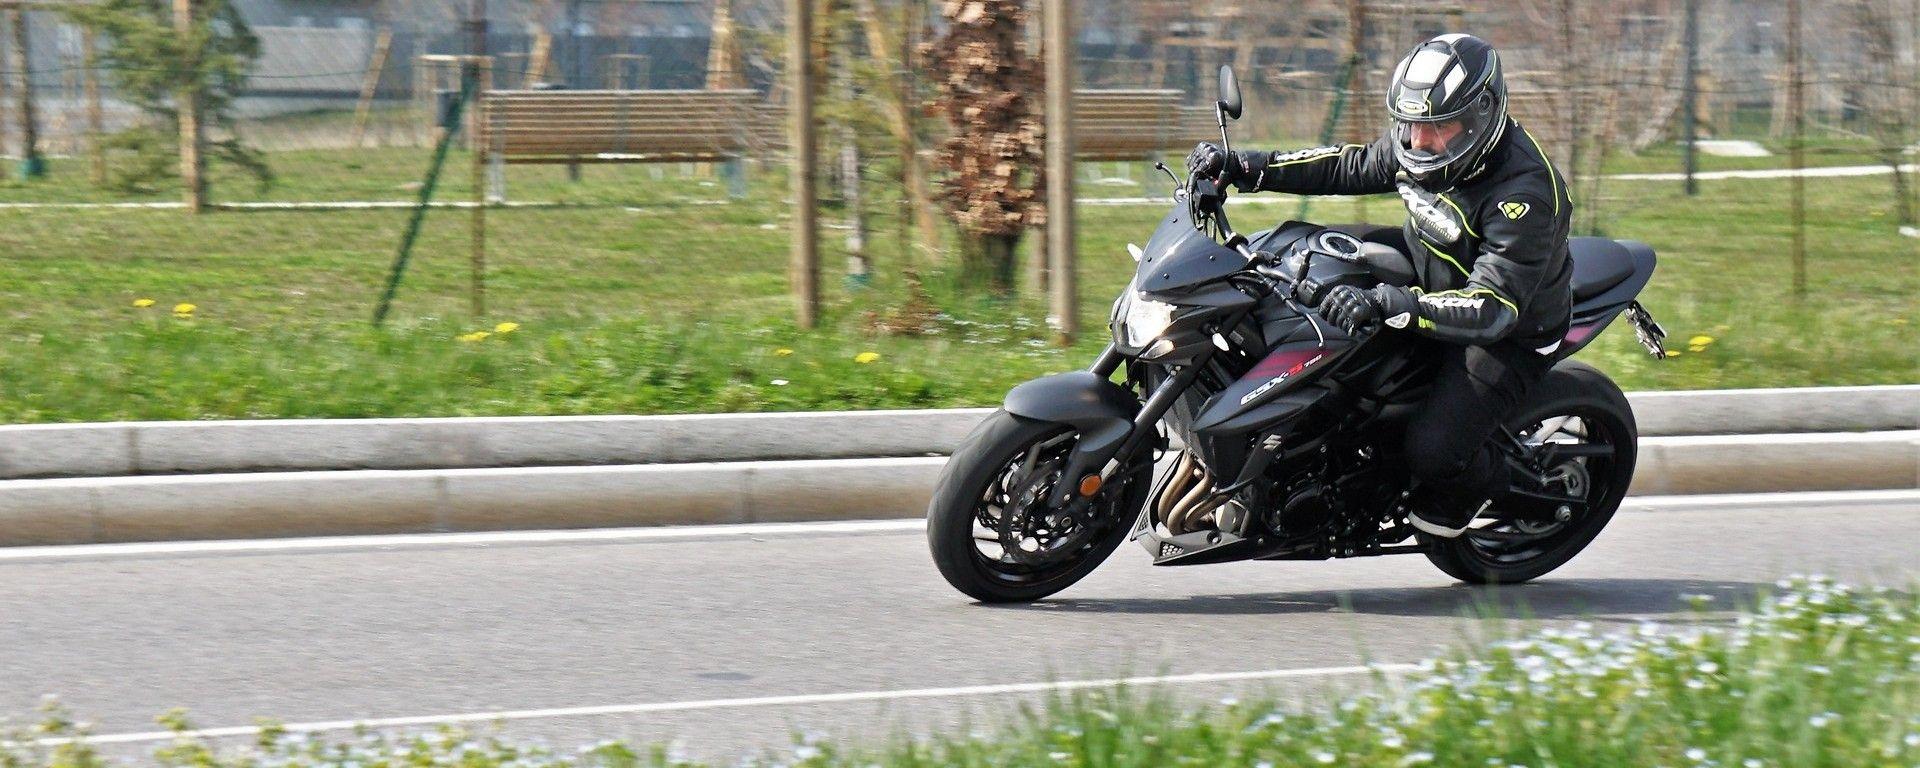 Nuova Suzuki GSX-S Yugen: la naked si fa special